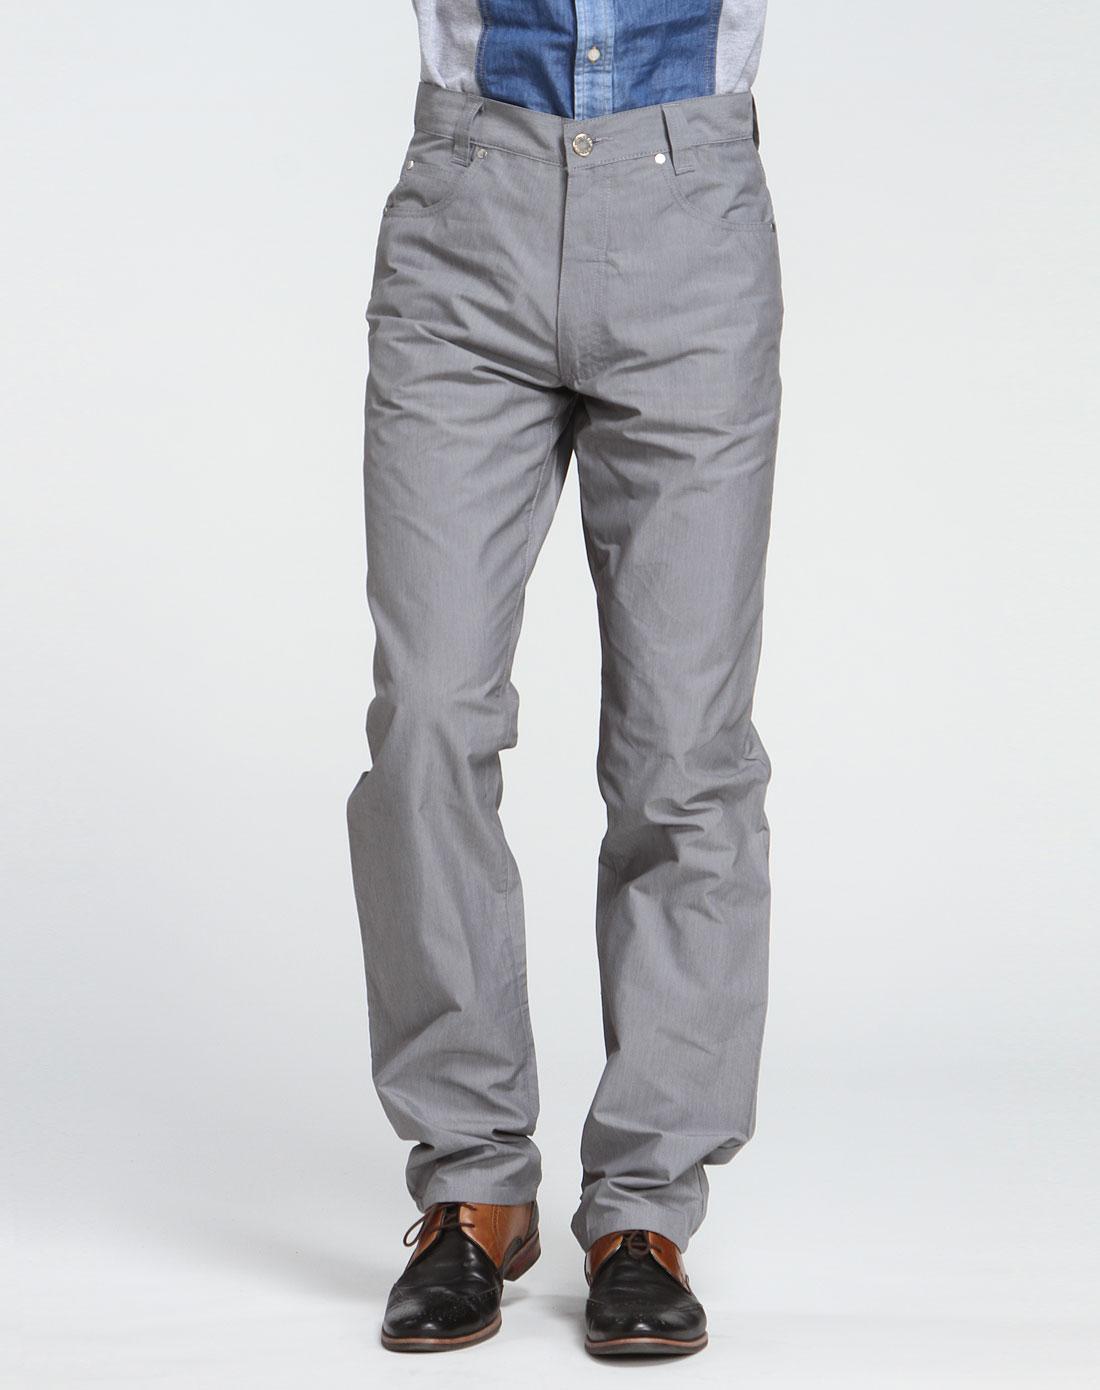 男士灰色休闲裤配白衬衣黑皮鞋